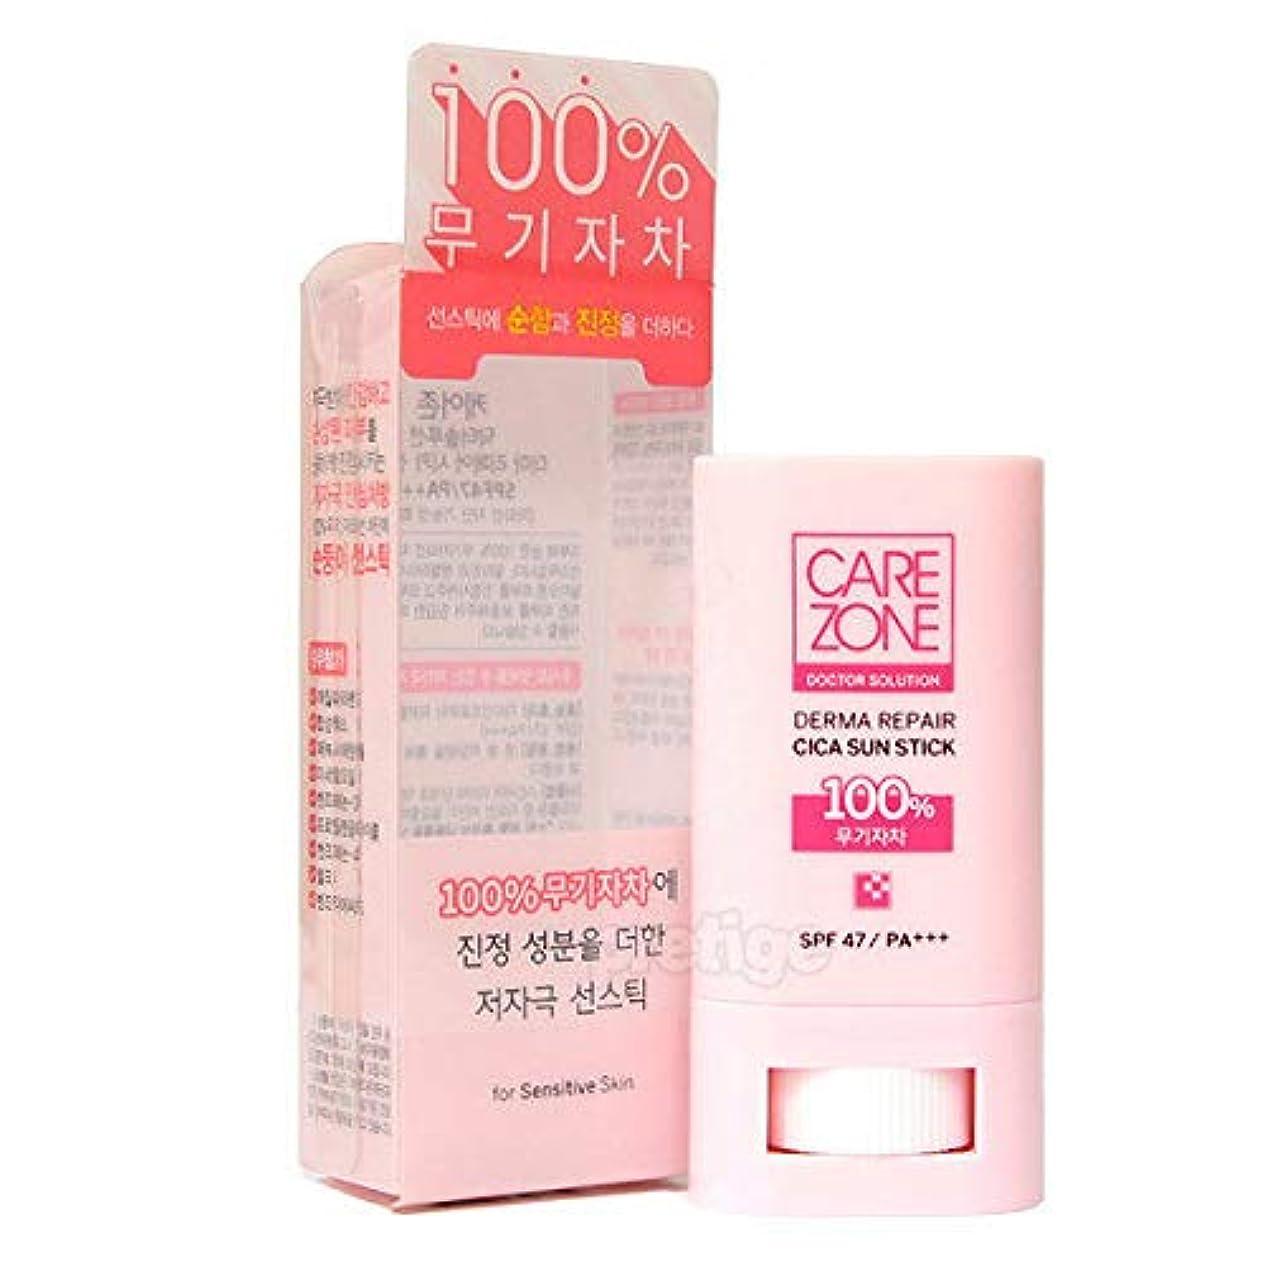 絶対の武器有毒なCAREZONE ケアゾーン Doctor Solution Derma Repair Cica Sun Stick サンスティック (20g) SPF47/PA+++ CARE ZONE